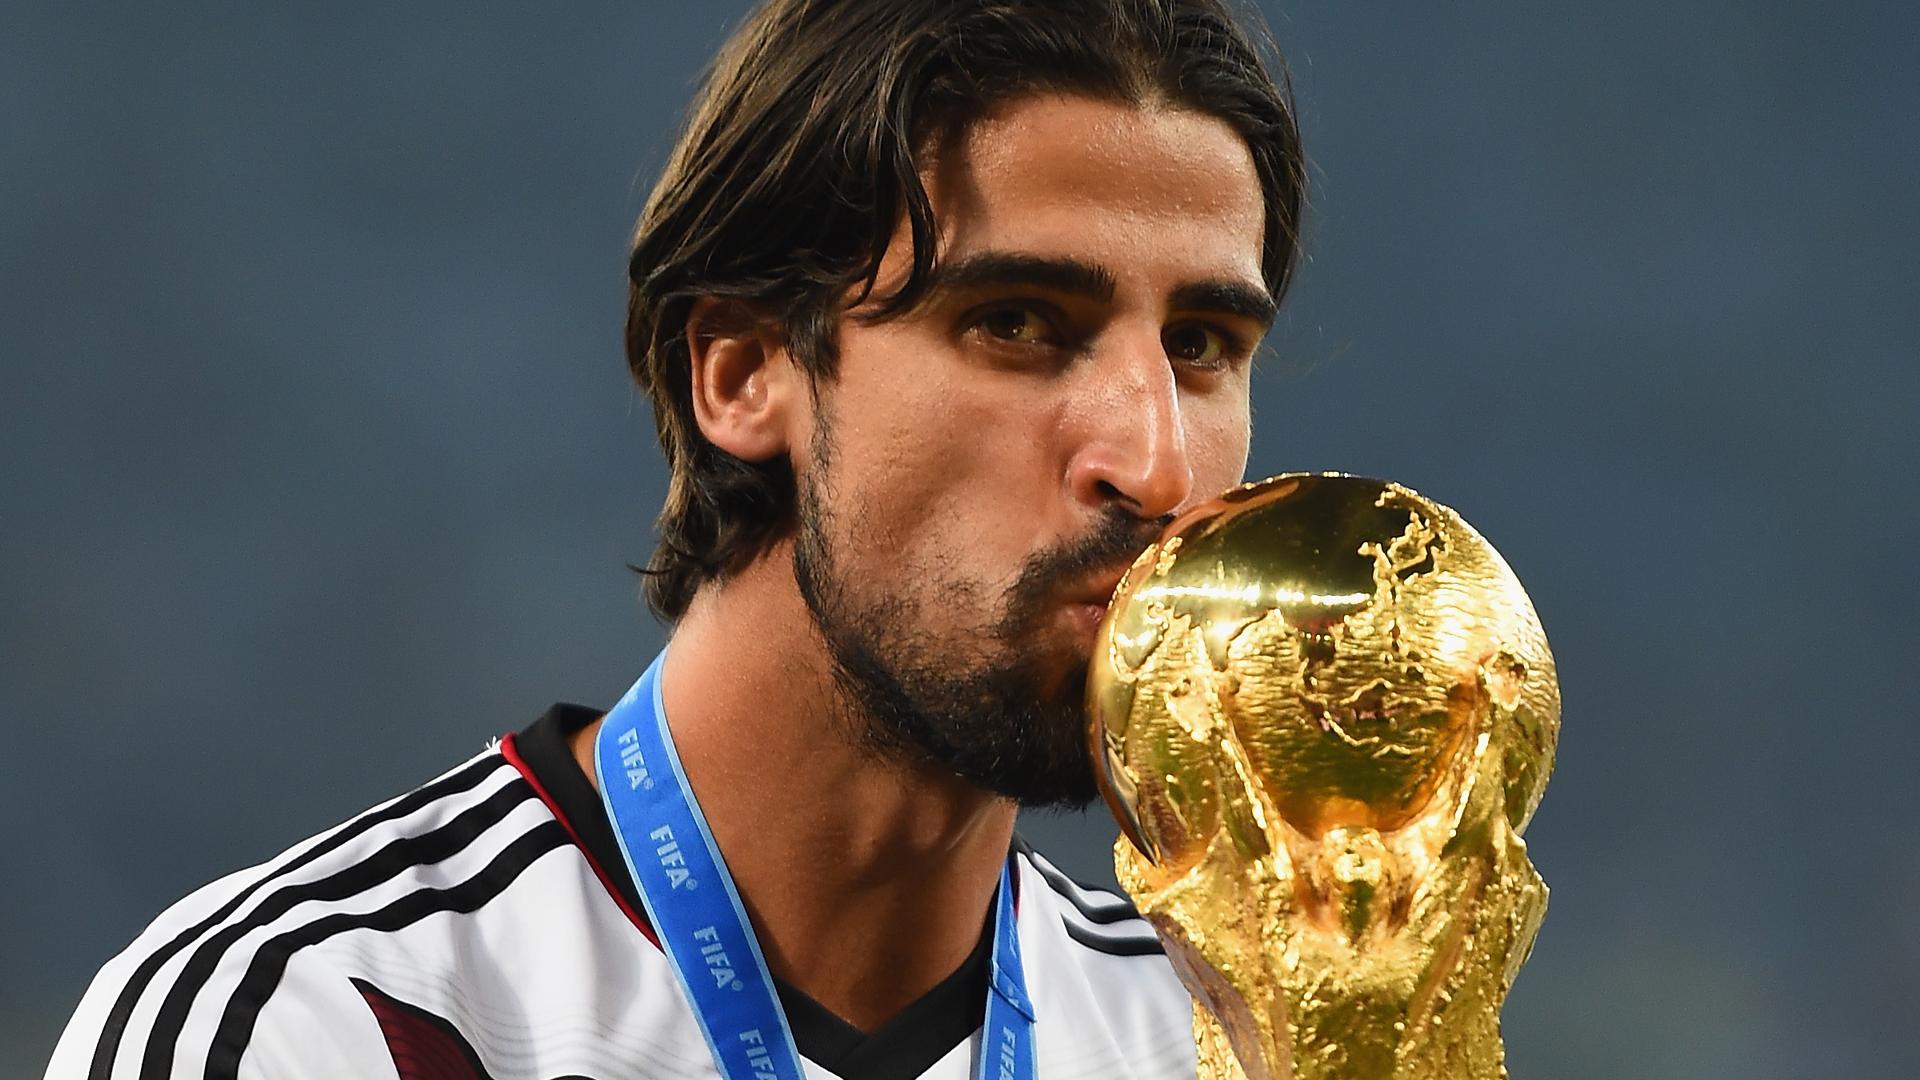 Resultado de imagem para Sami Khedira copa do mundo 2014